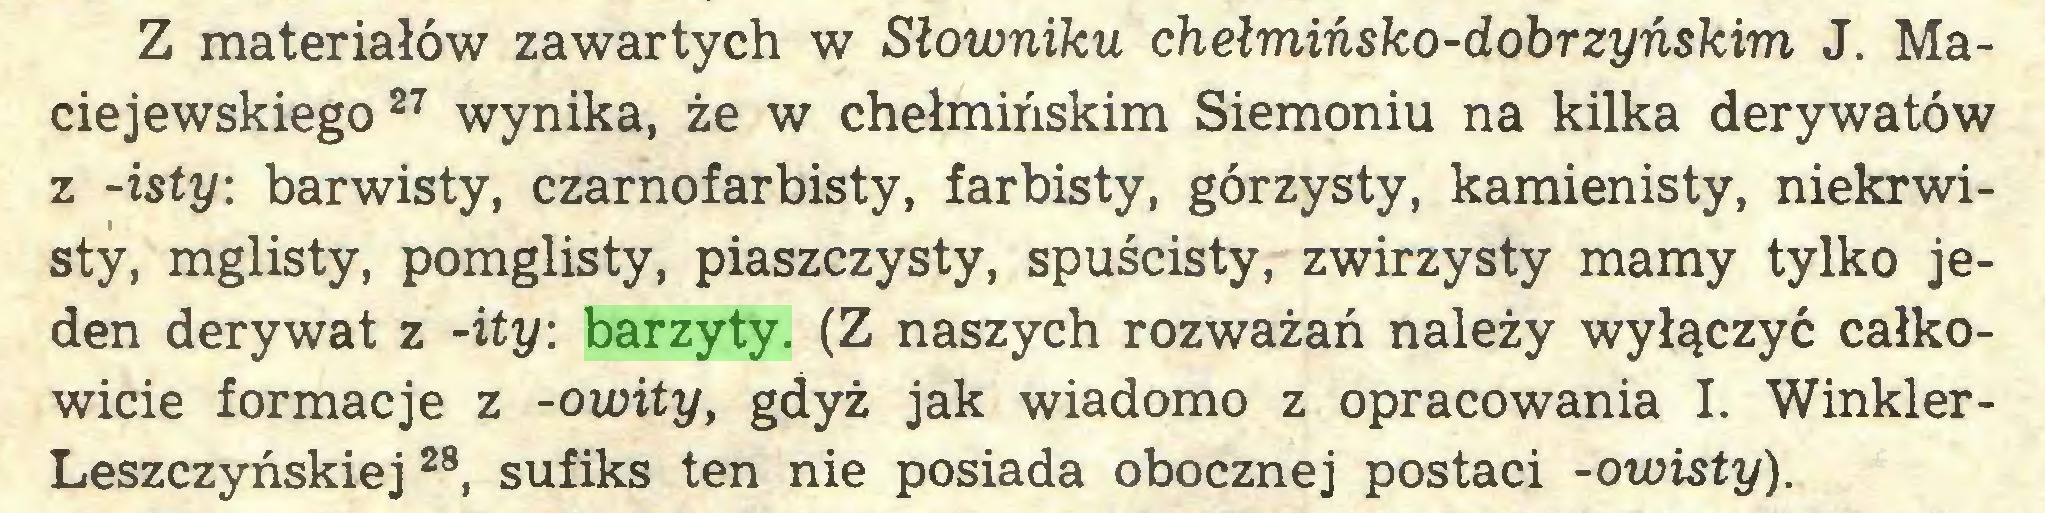 (...) Z materiałów zawartych w Słowniku chełmińsko-dobrzyńskim J. Maciejewskiego 27 wynika, że w chełmińskim Siemoniu na kilka derywatów z -isty: barwisty, czarnofarbisty, farbisty, górzysty, kamienisty, niekrwisty, mglisty, pomglisty, piaszczysty, spuścisty, zwirzysty mamy tylko jeden derywat z -ity: barzyty. (Z naszych rozważań należy wyłączyć całkowicie formacje z -owity, gdyż jak wiadomo z opracowania I. Winkler Leszczyńskiej 28, sufiks ten nie posiada obocznej postaci -owisty)...